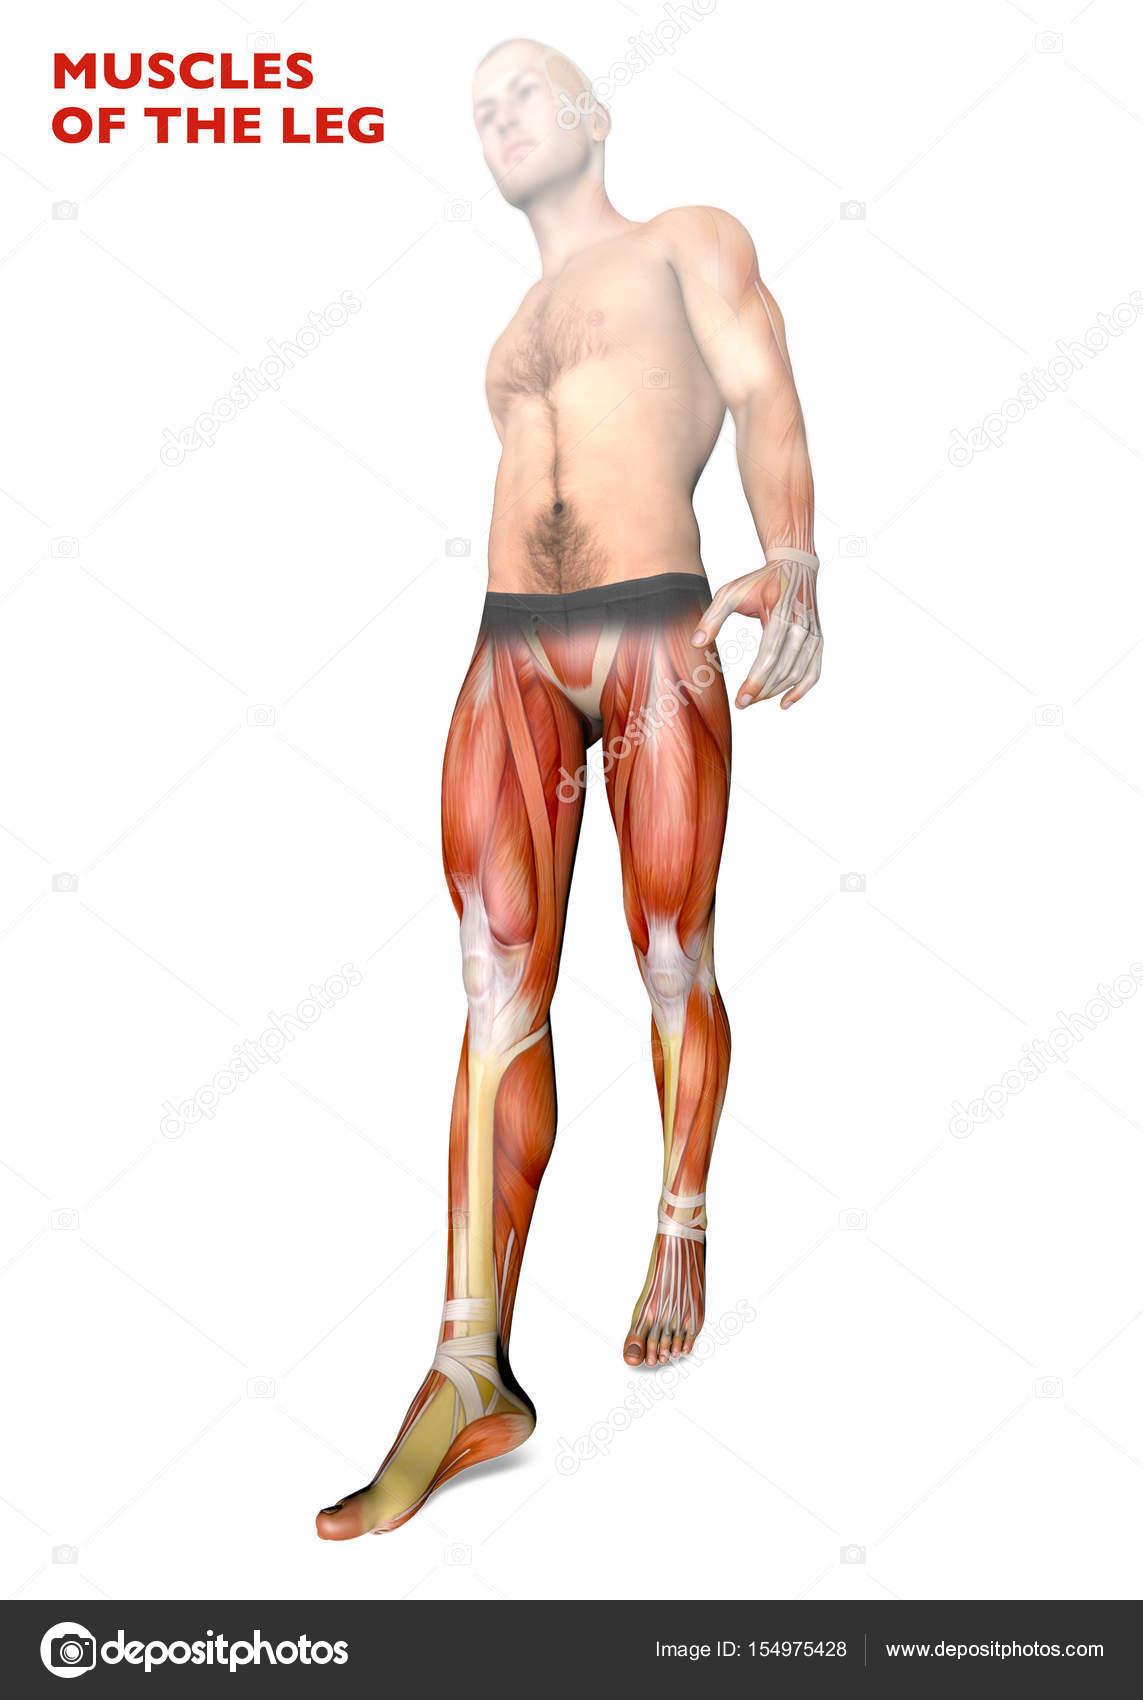 Beinmuskulatur, menschliche Körper, Anatomie, Muskulatur, Anatomie ...